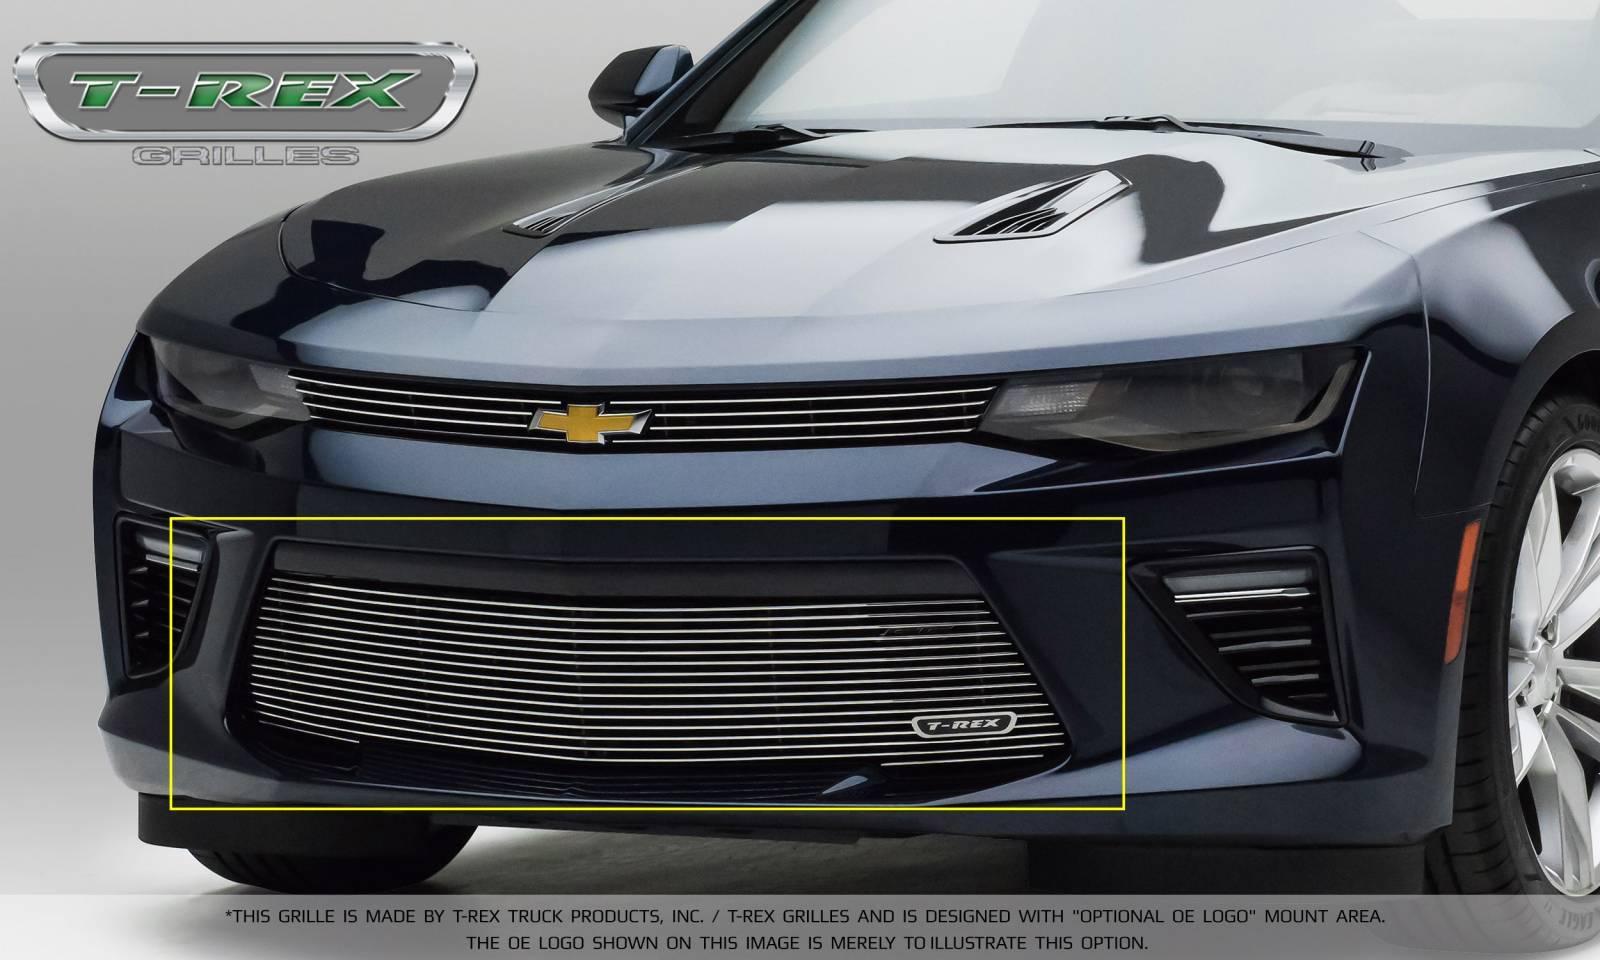 T-REX Grilles - T-REX Chevrolet Camaro V6 Model -  Billet Series - Bumper Grille Overlay with Polished Finish - Pt # 25033